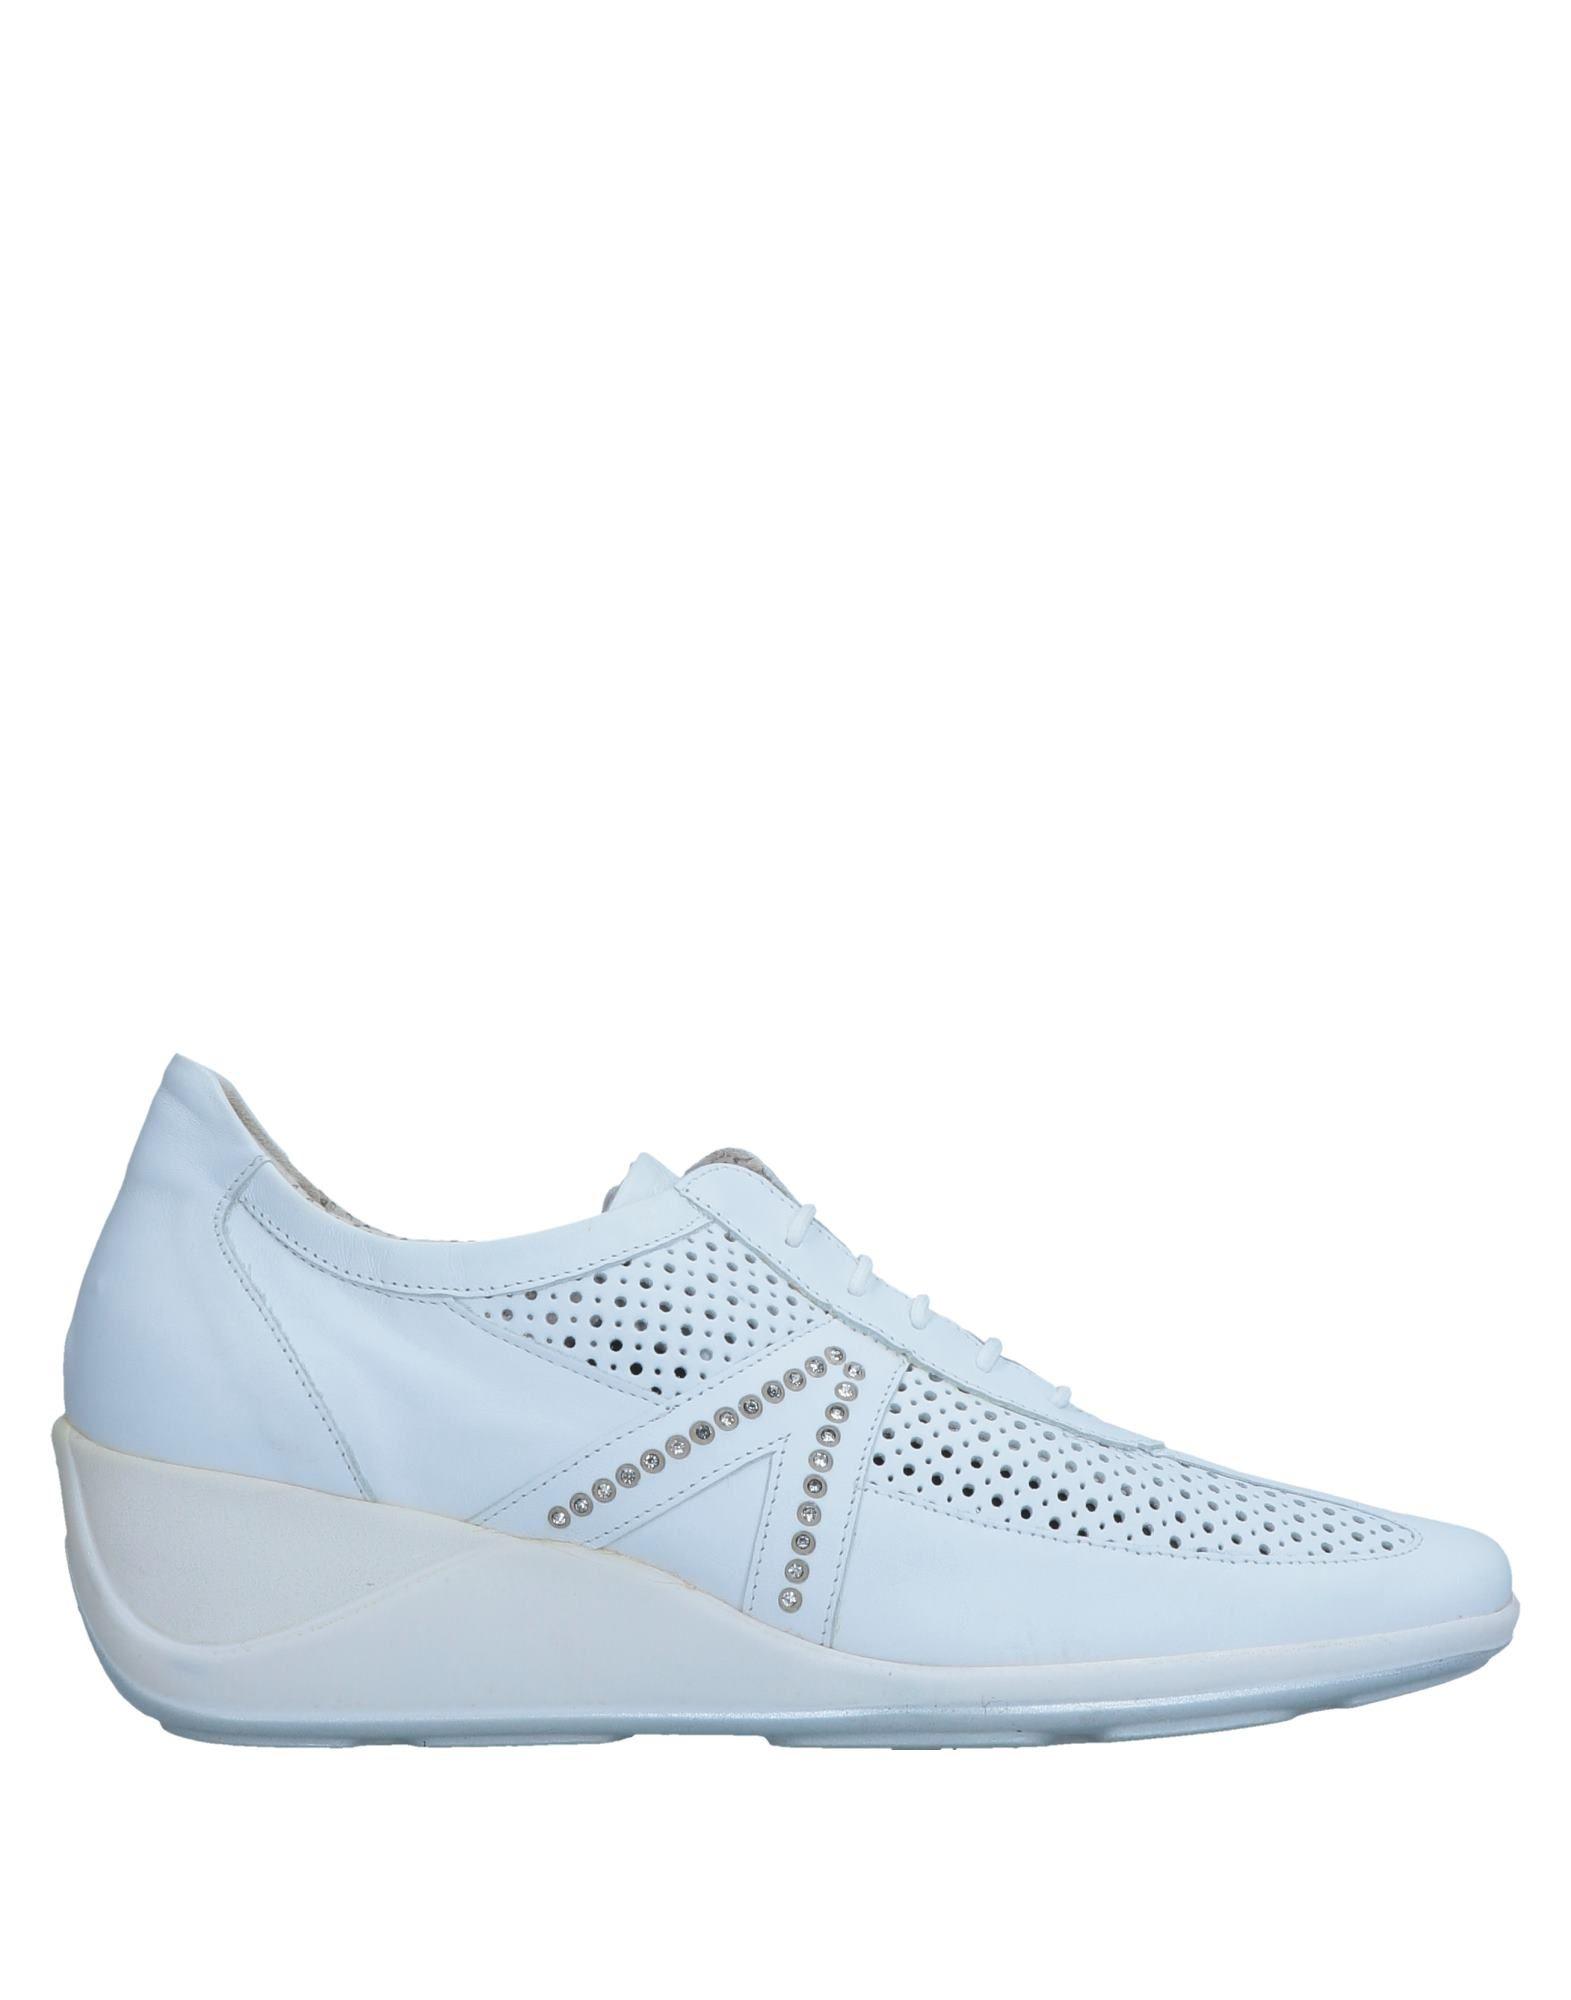 Sneakers Valleverde Donna - 11547454MU Scarpe economiche e buone